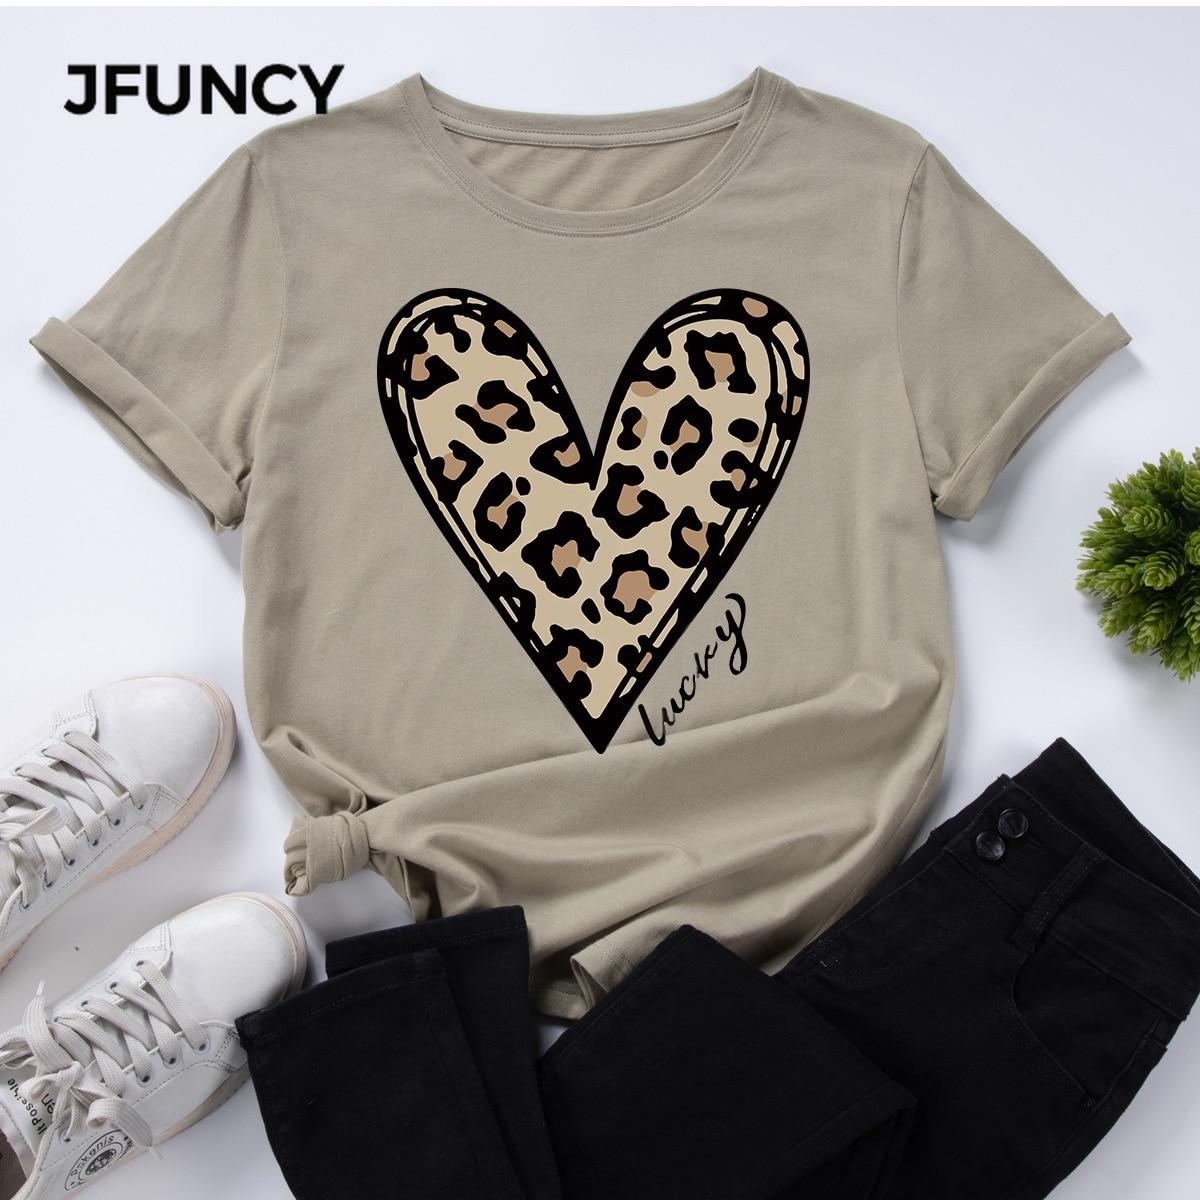 JFUNCY женская футболка, женская летняя футболка с коротким рукавом и принтом Love, женская одежда, хлопковая футболка, повседневная женская фут...